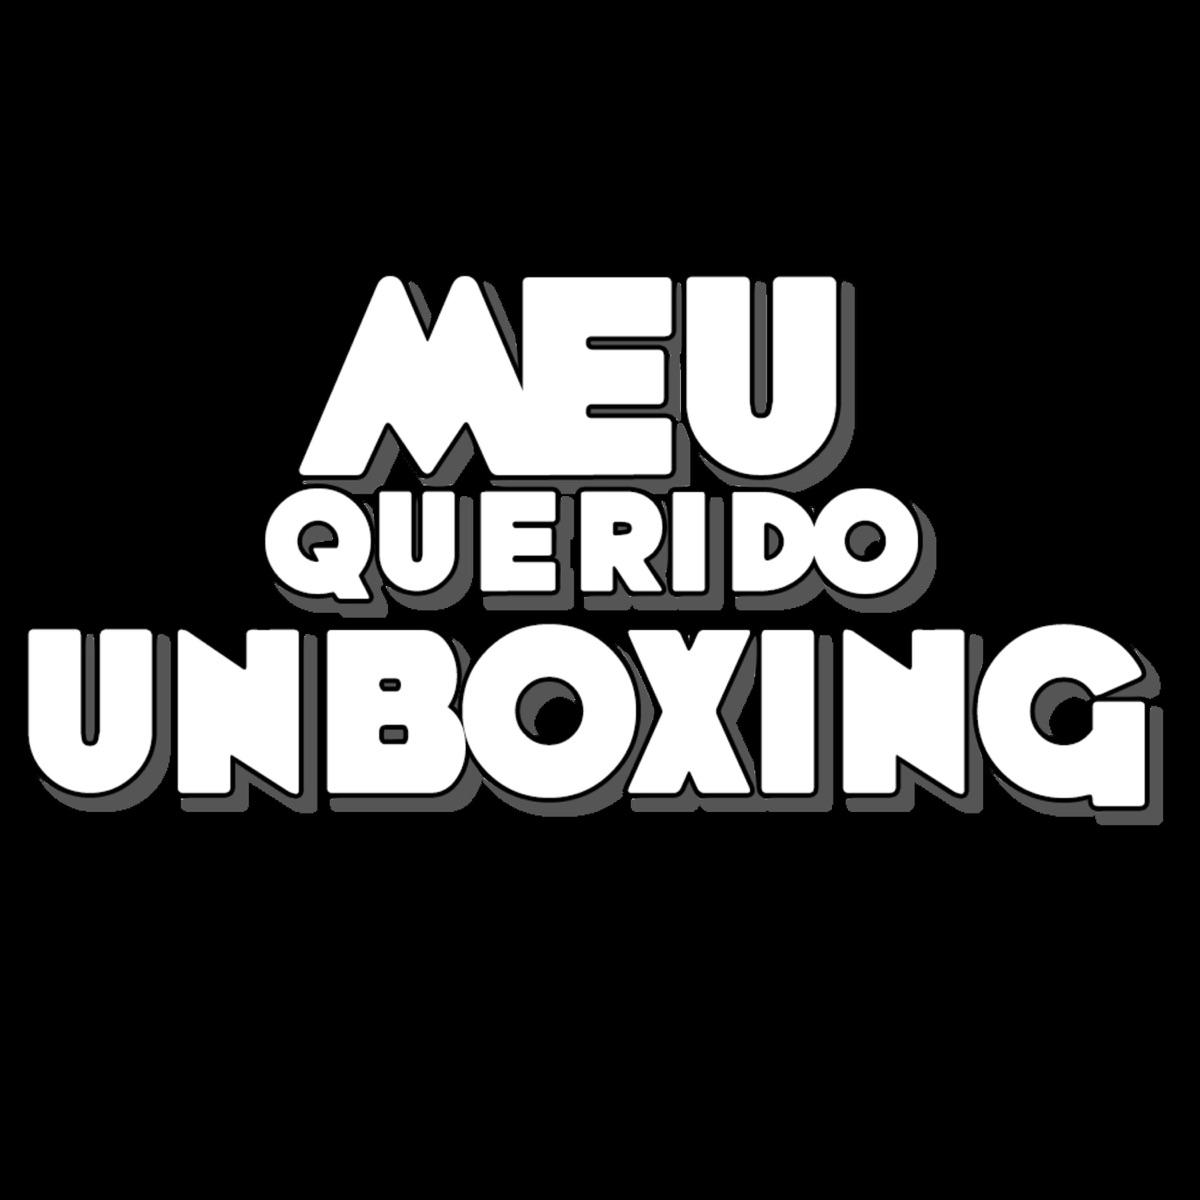 Meu Querido Unboxing